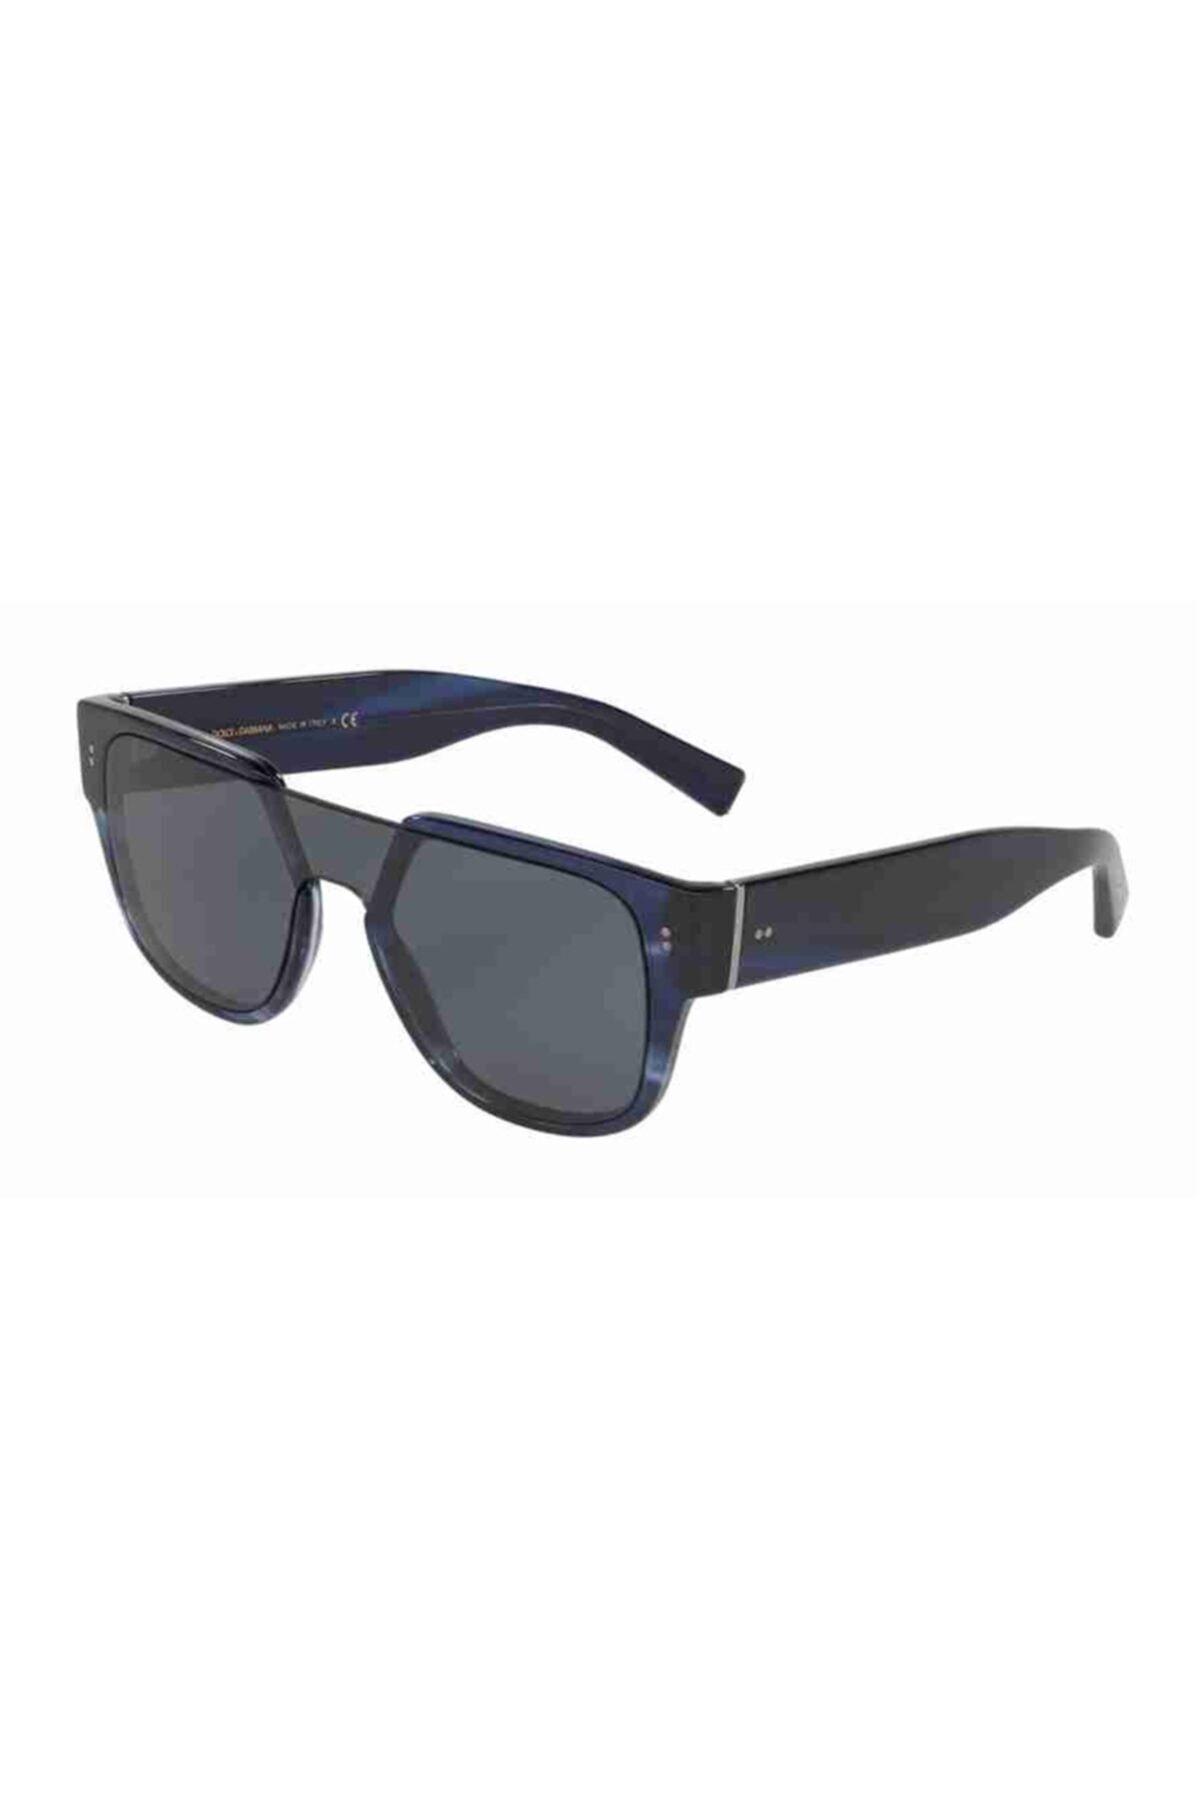 Dolce & Gabbana 4356 318880 22 Ekartman Unisex Güneş Gözlüğü 1